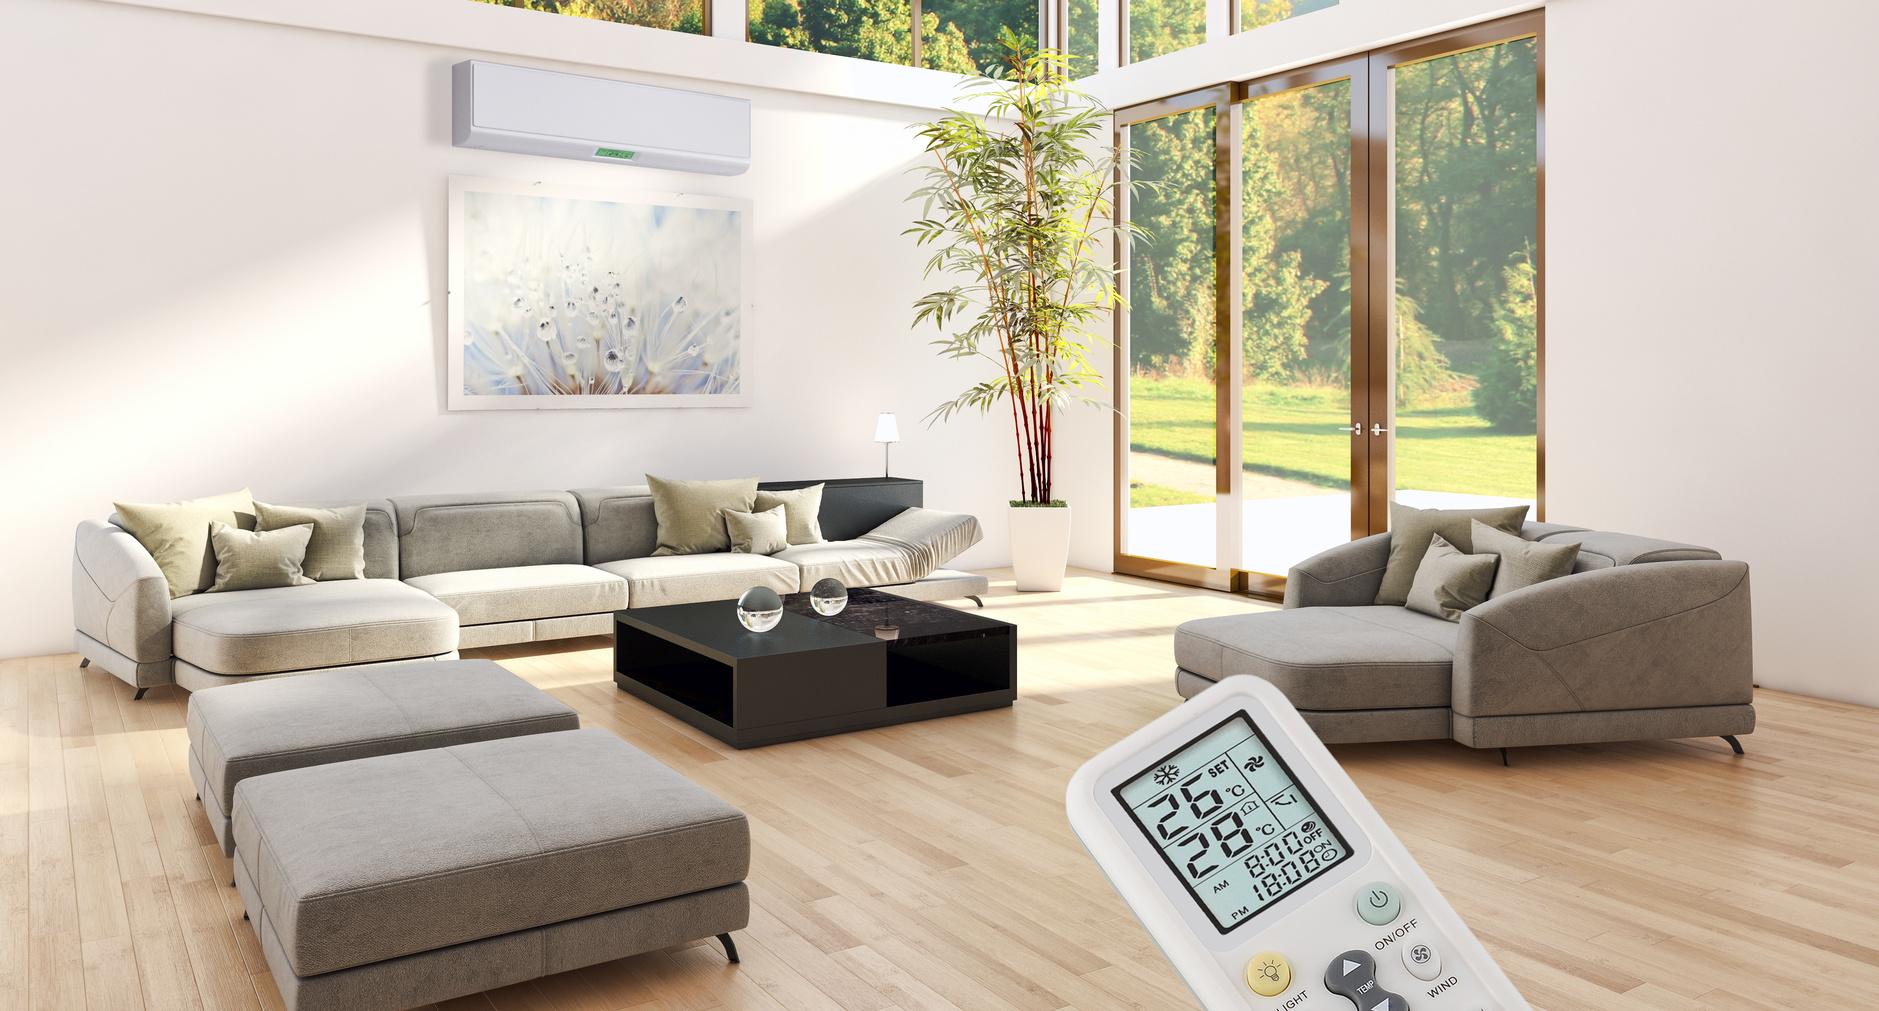 Sala de estar con climatización a partir de la bomba de calor